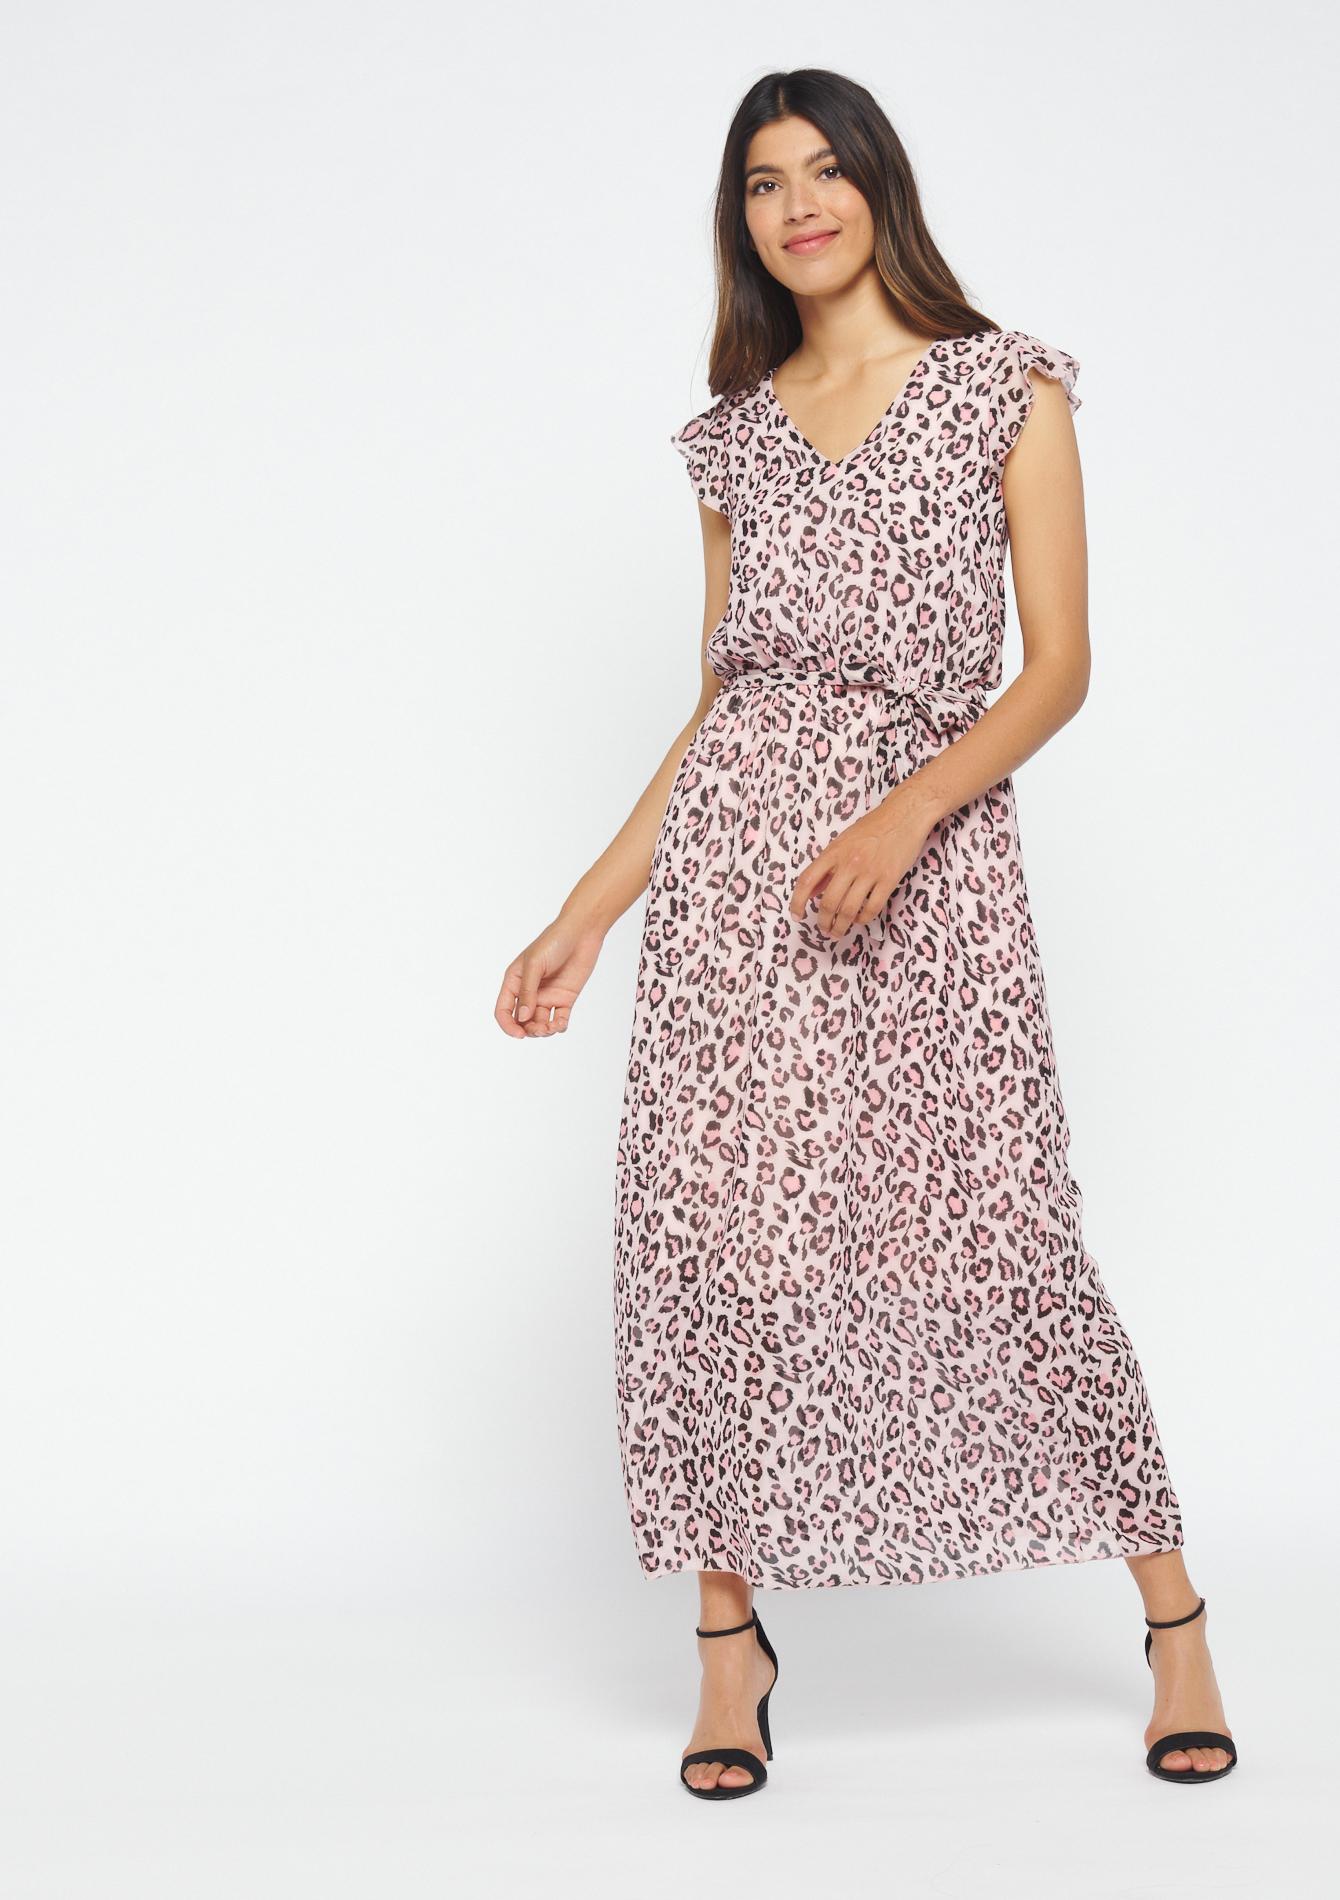 Lange jurk met luipaardmotief - PEARL BLUSH - 08600318_1333